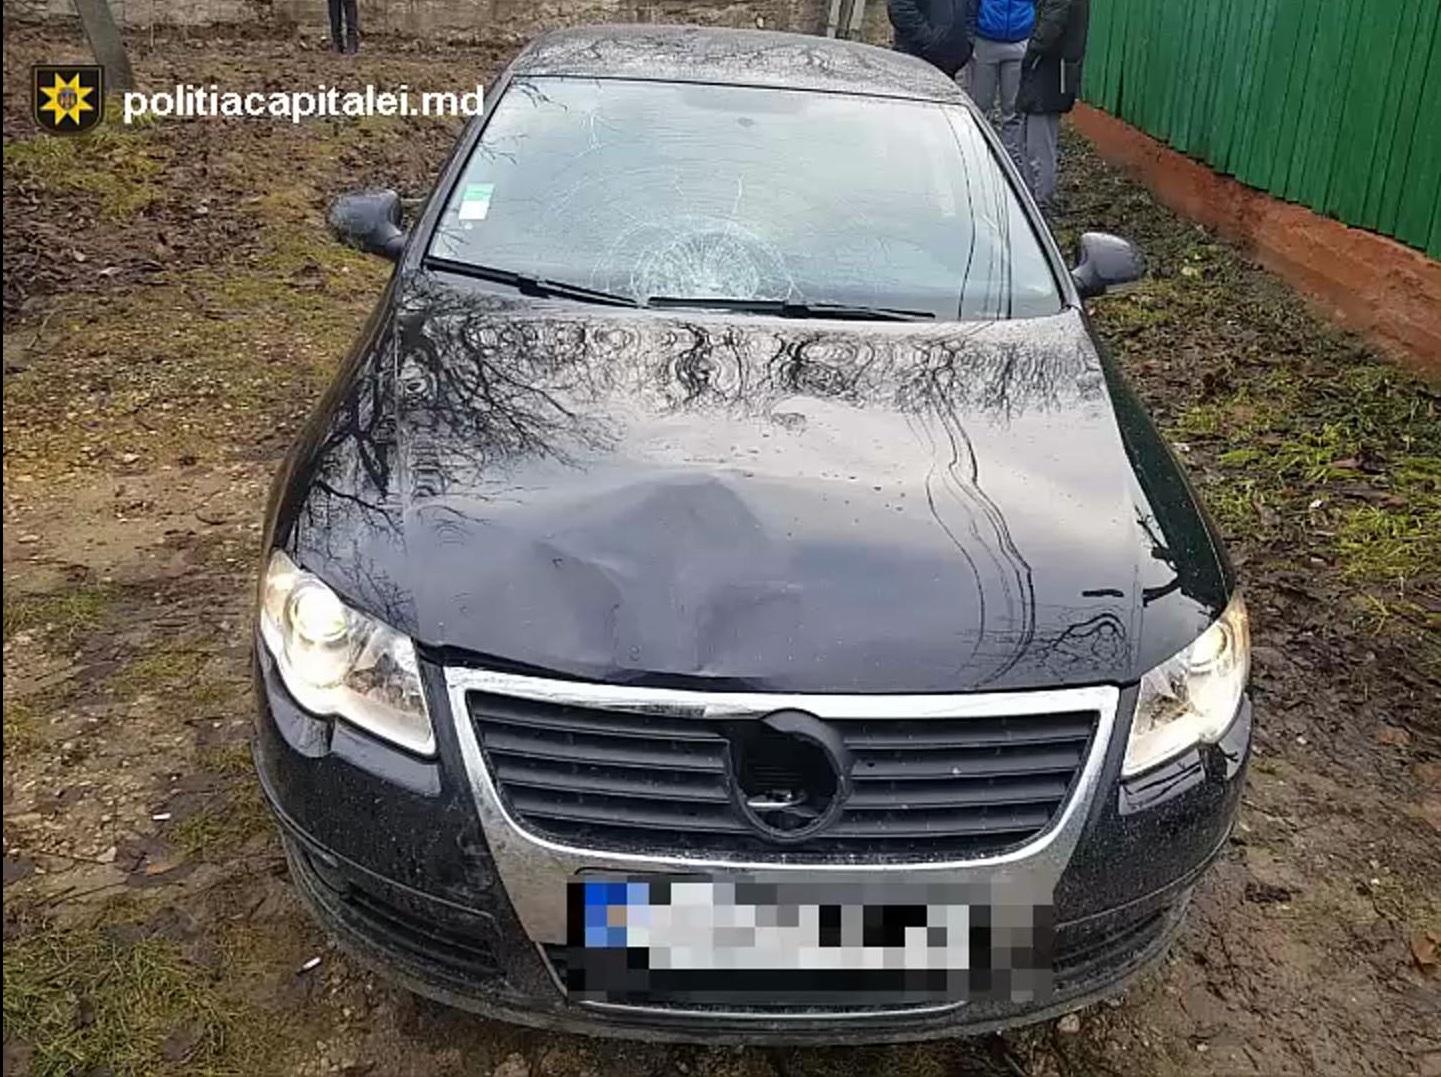 Полиция задержала водителя, сбившего пешехода насмерть и покинувшего место ДТП (ВИДЕО)